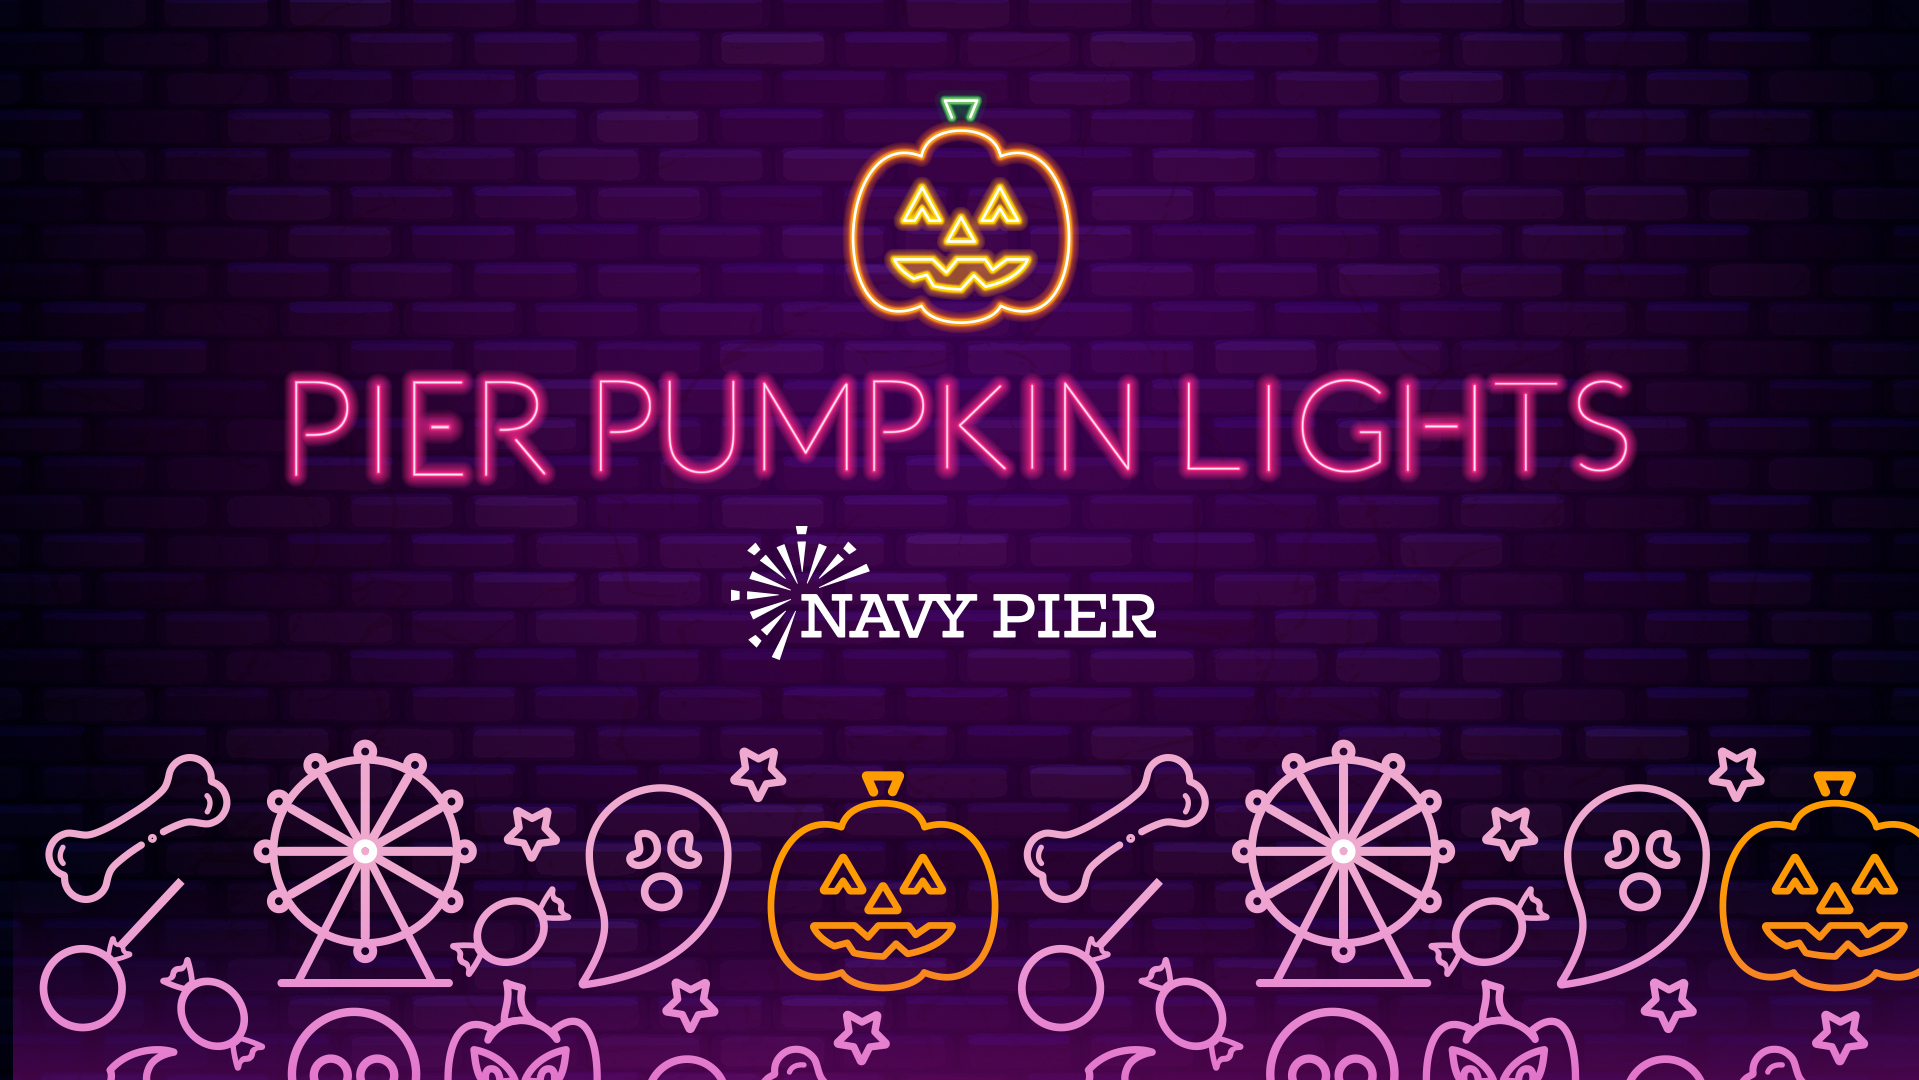 Pier Pumpkin Lights